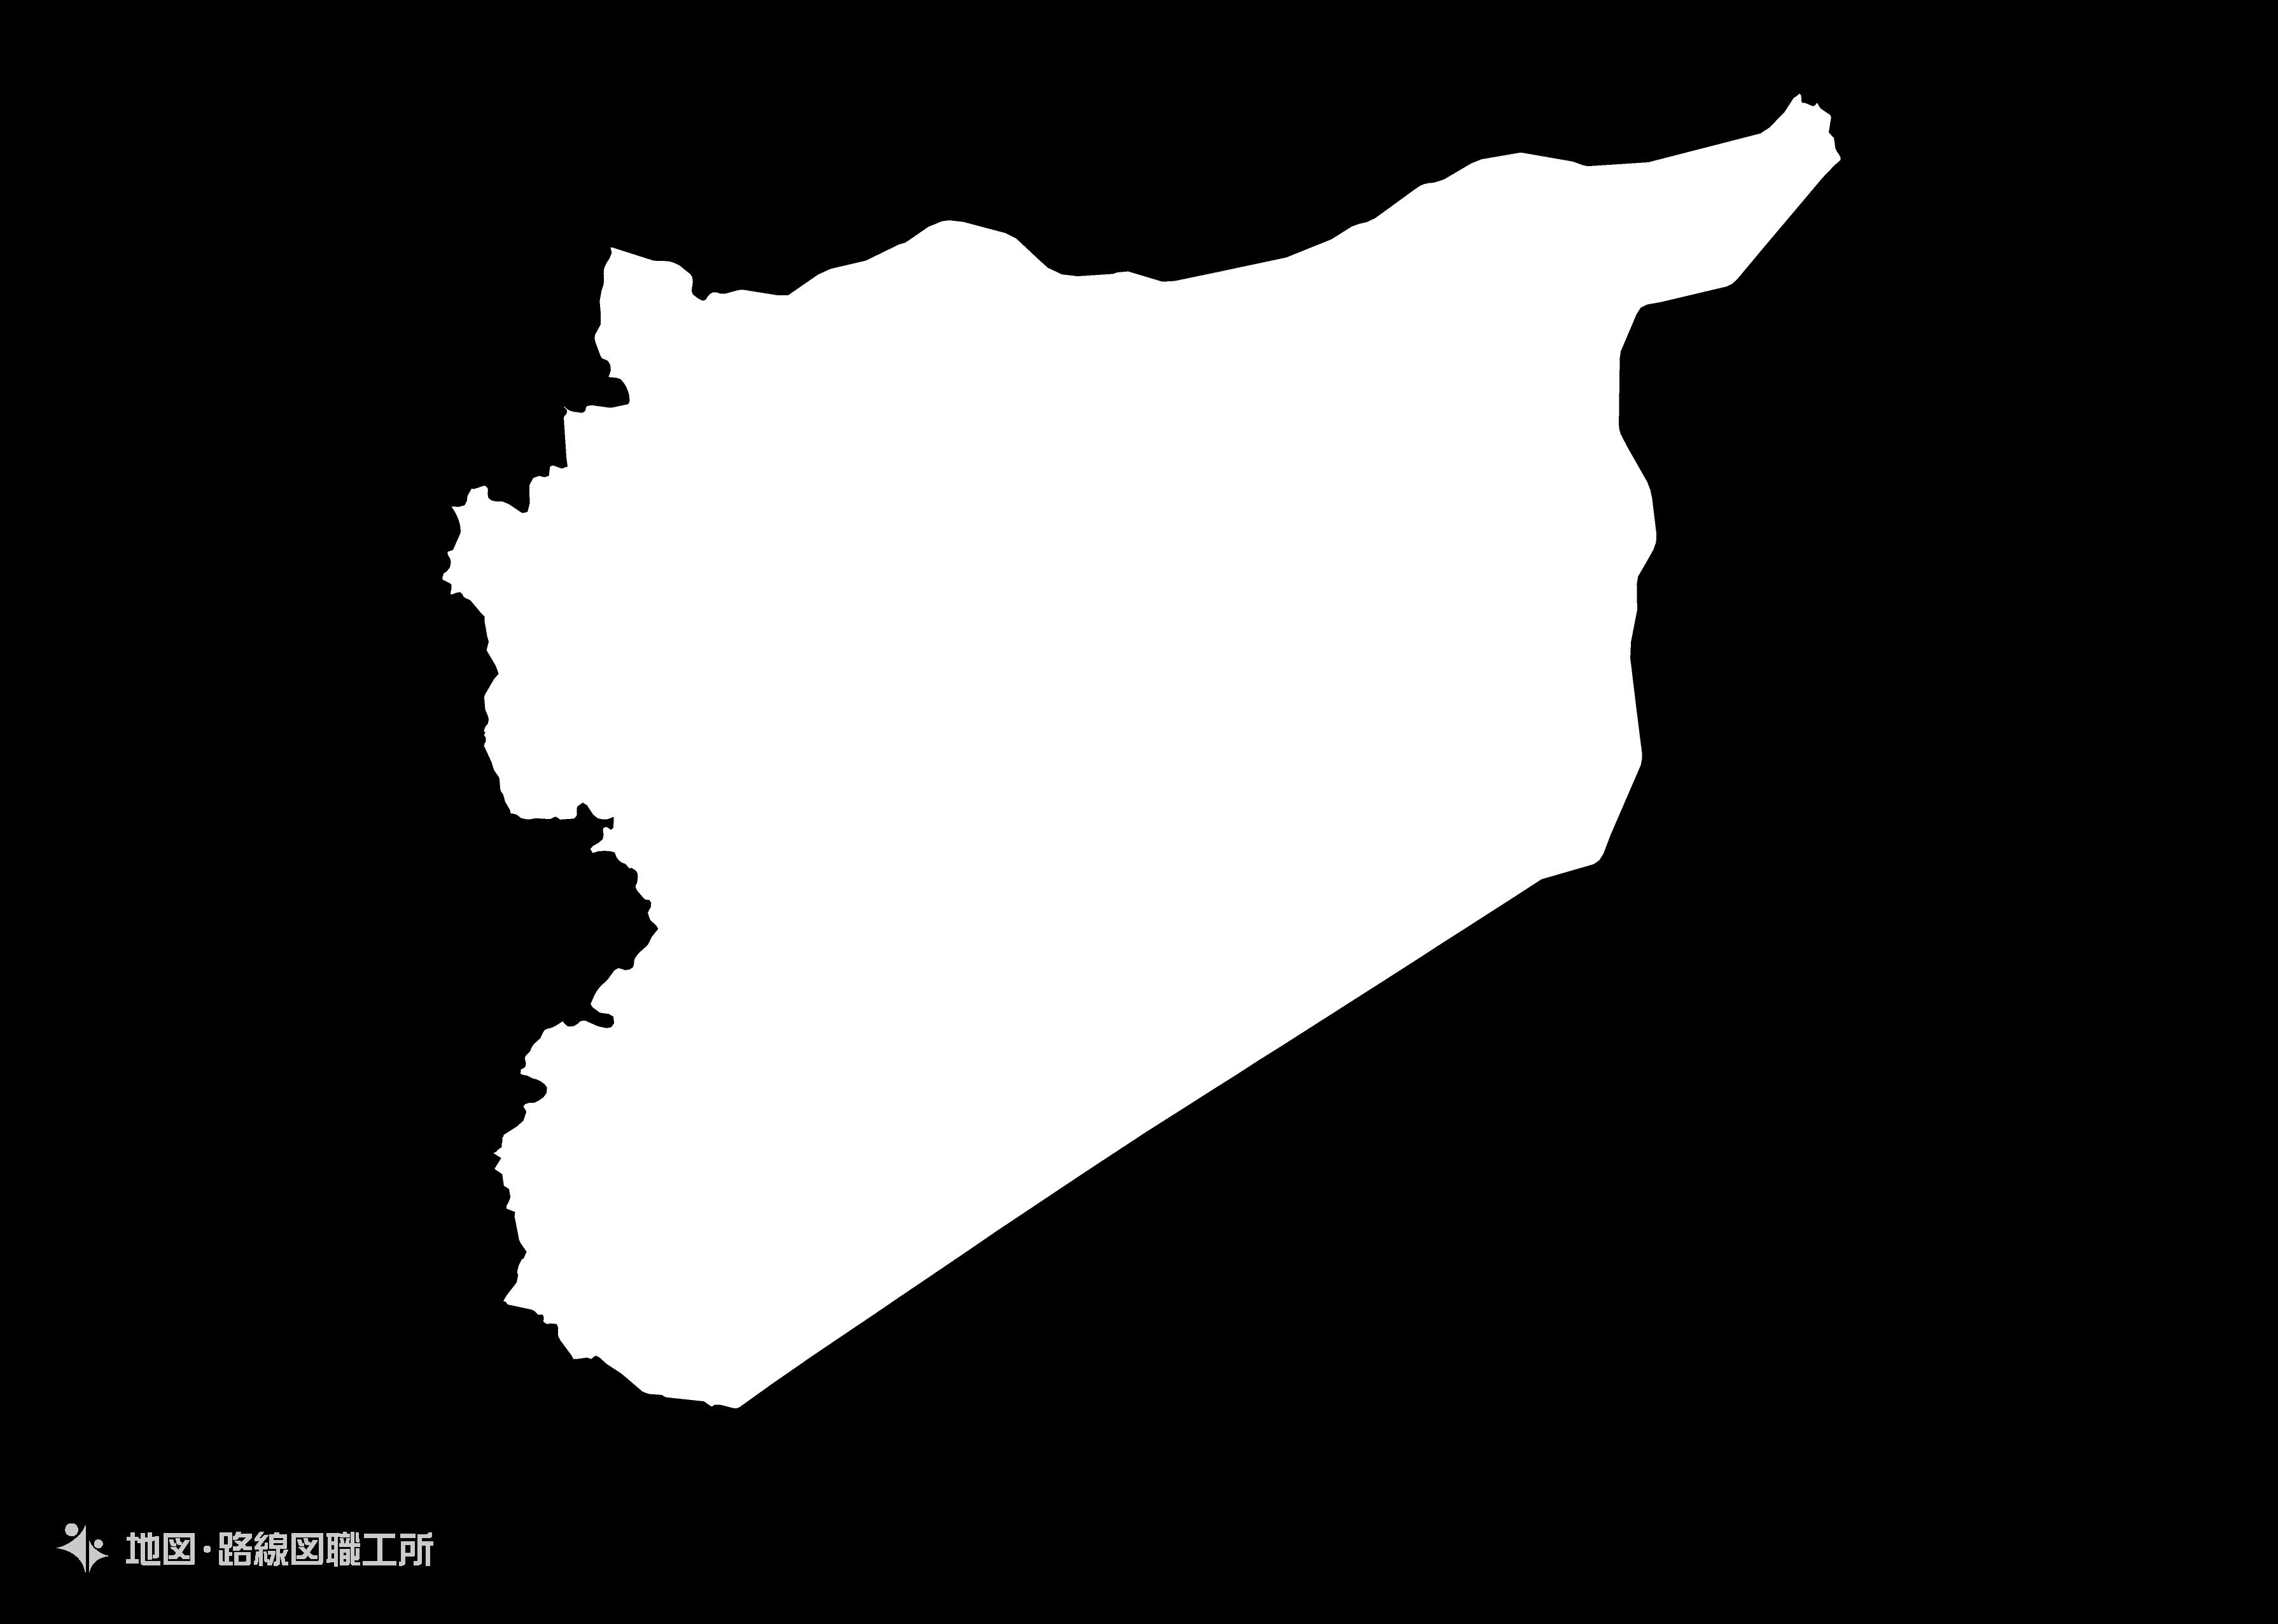 世界の白地図 シリア・アラブ共和国 syrian-arab-republic map